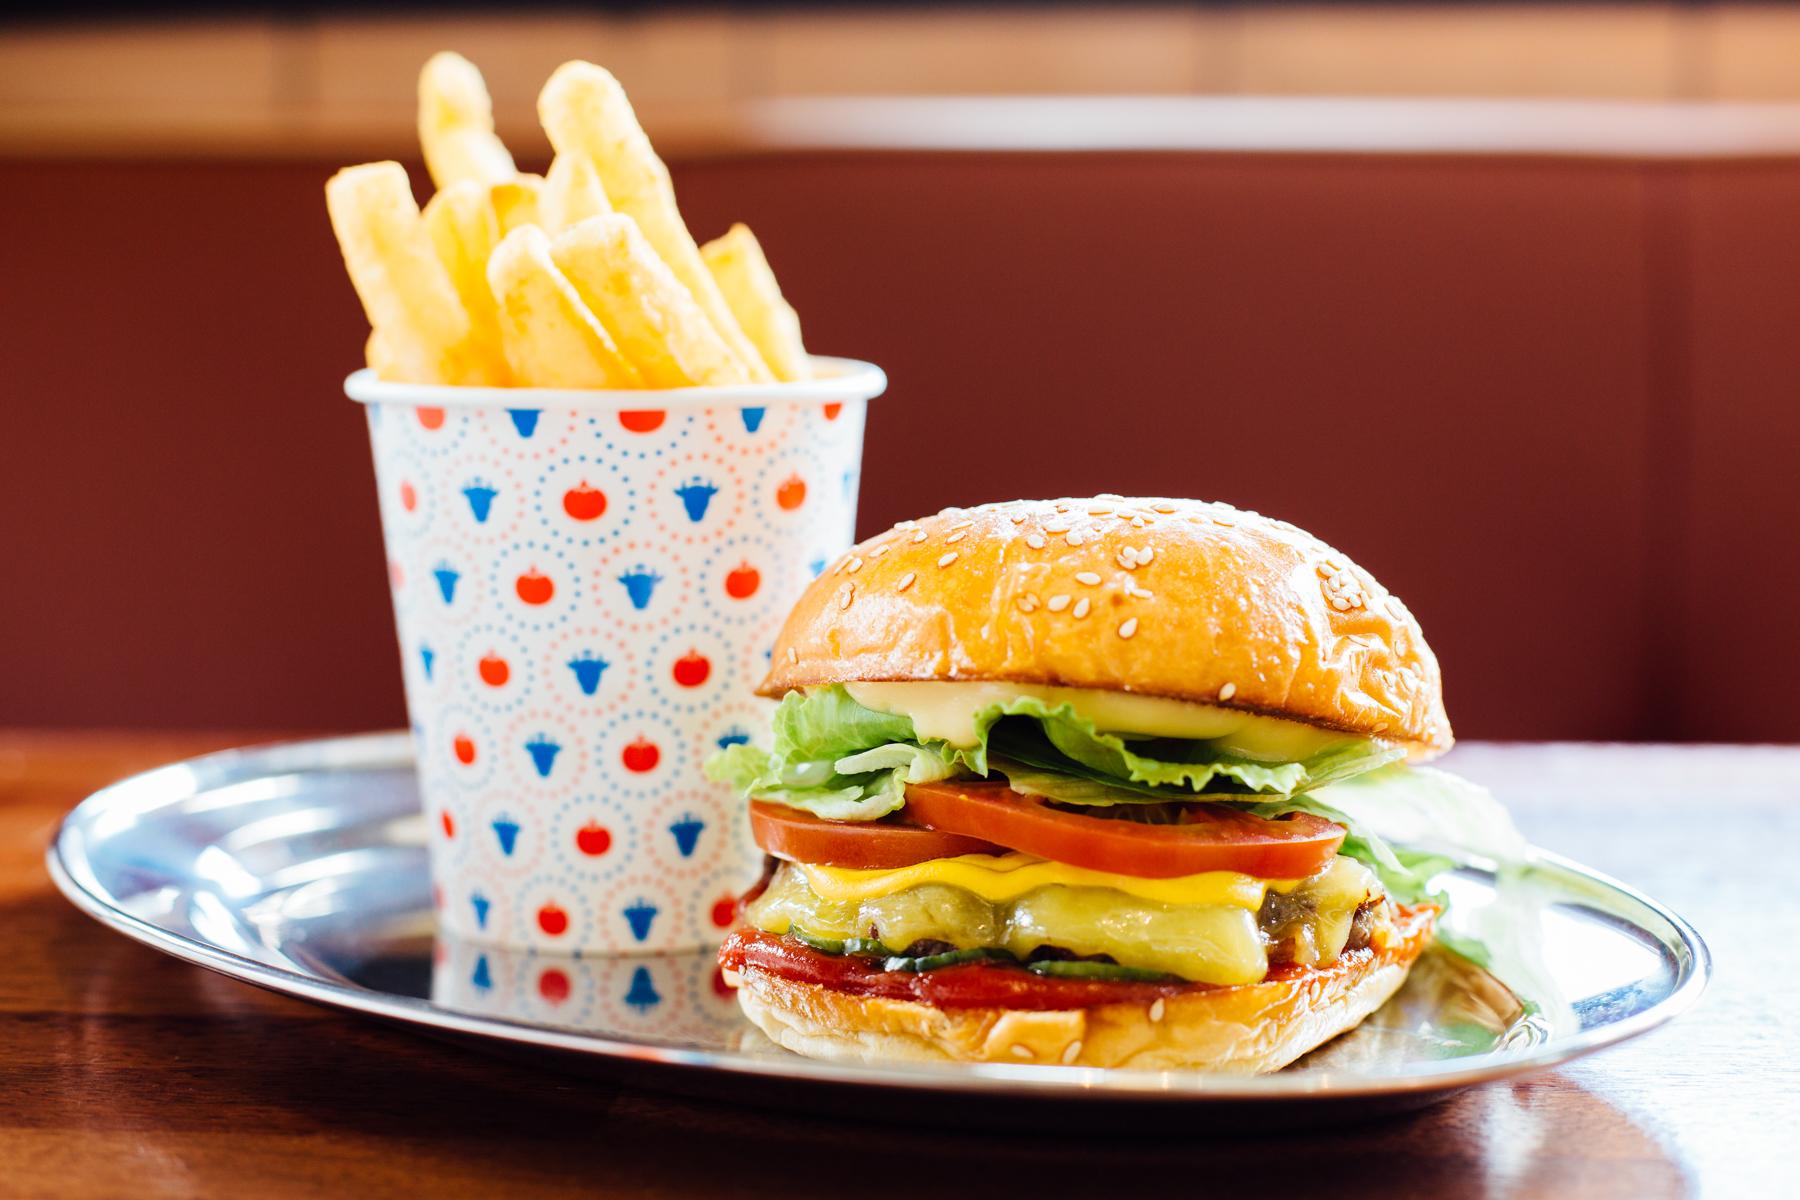 huxtaburger sydney